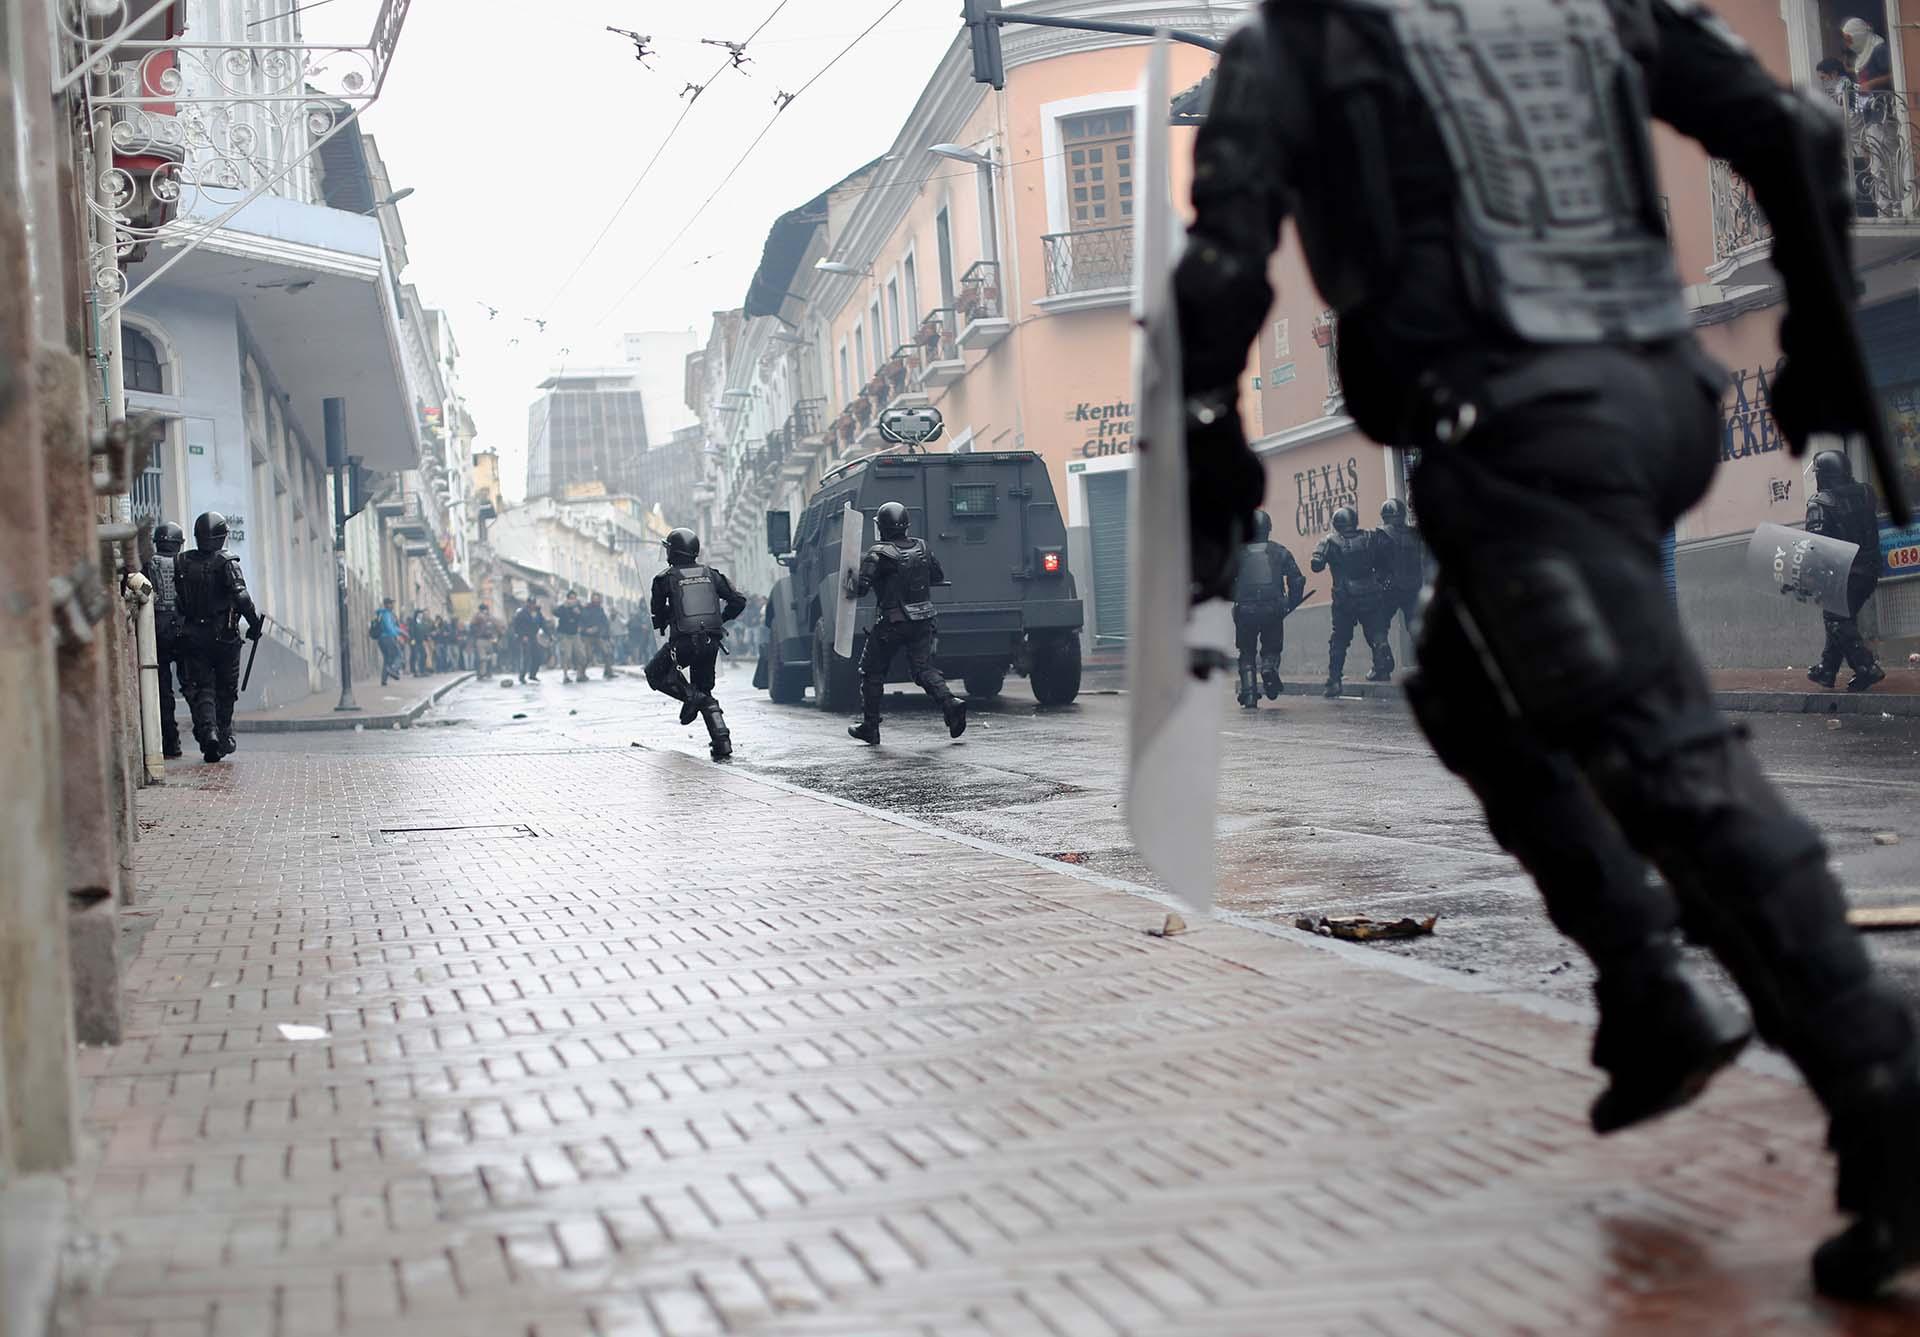 Los manifestantes rompieron las vallas de seguridad que cercaban los alrededores del Palacio de Carondelet (REUTERS/Daniel Tapia)